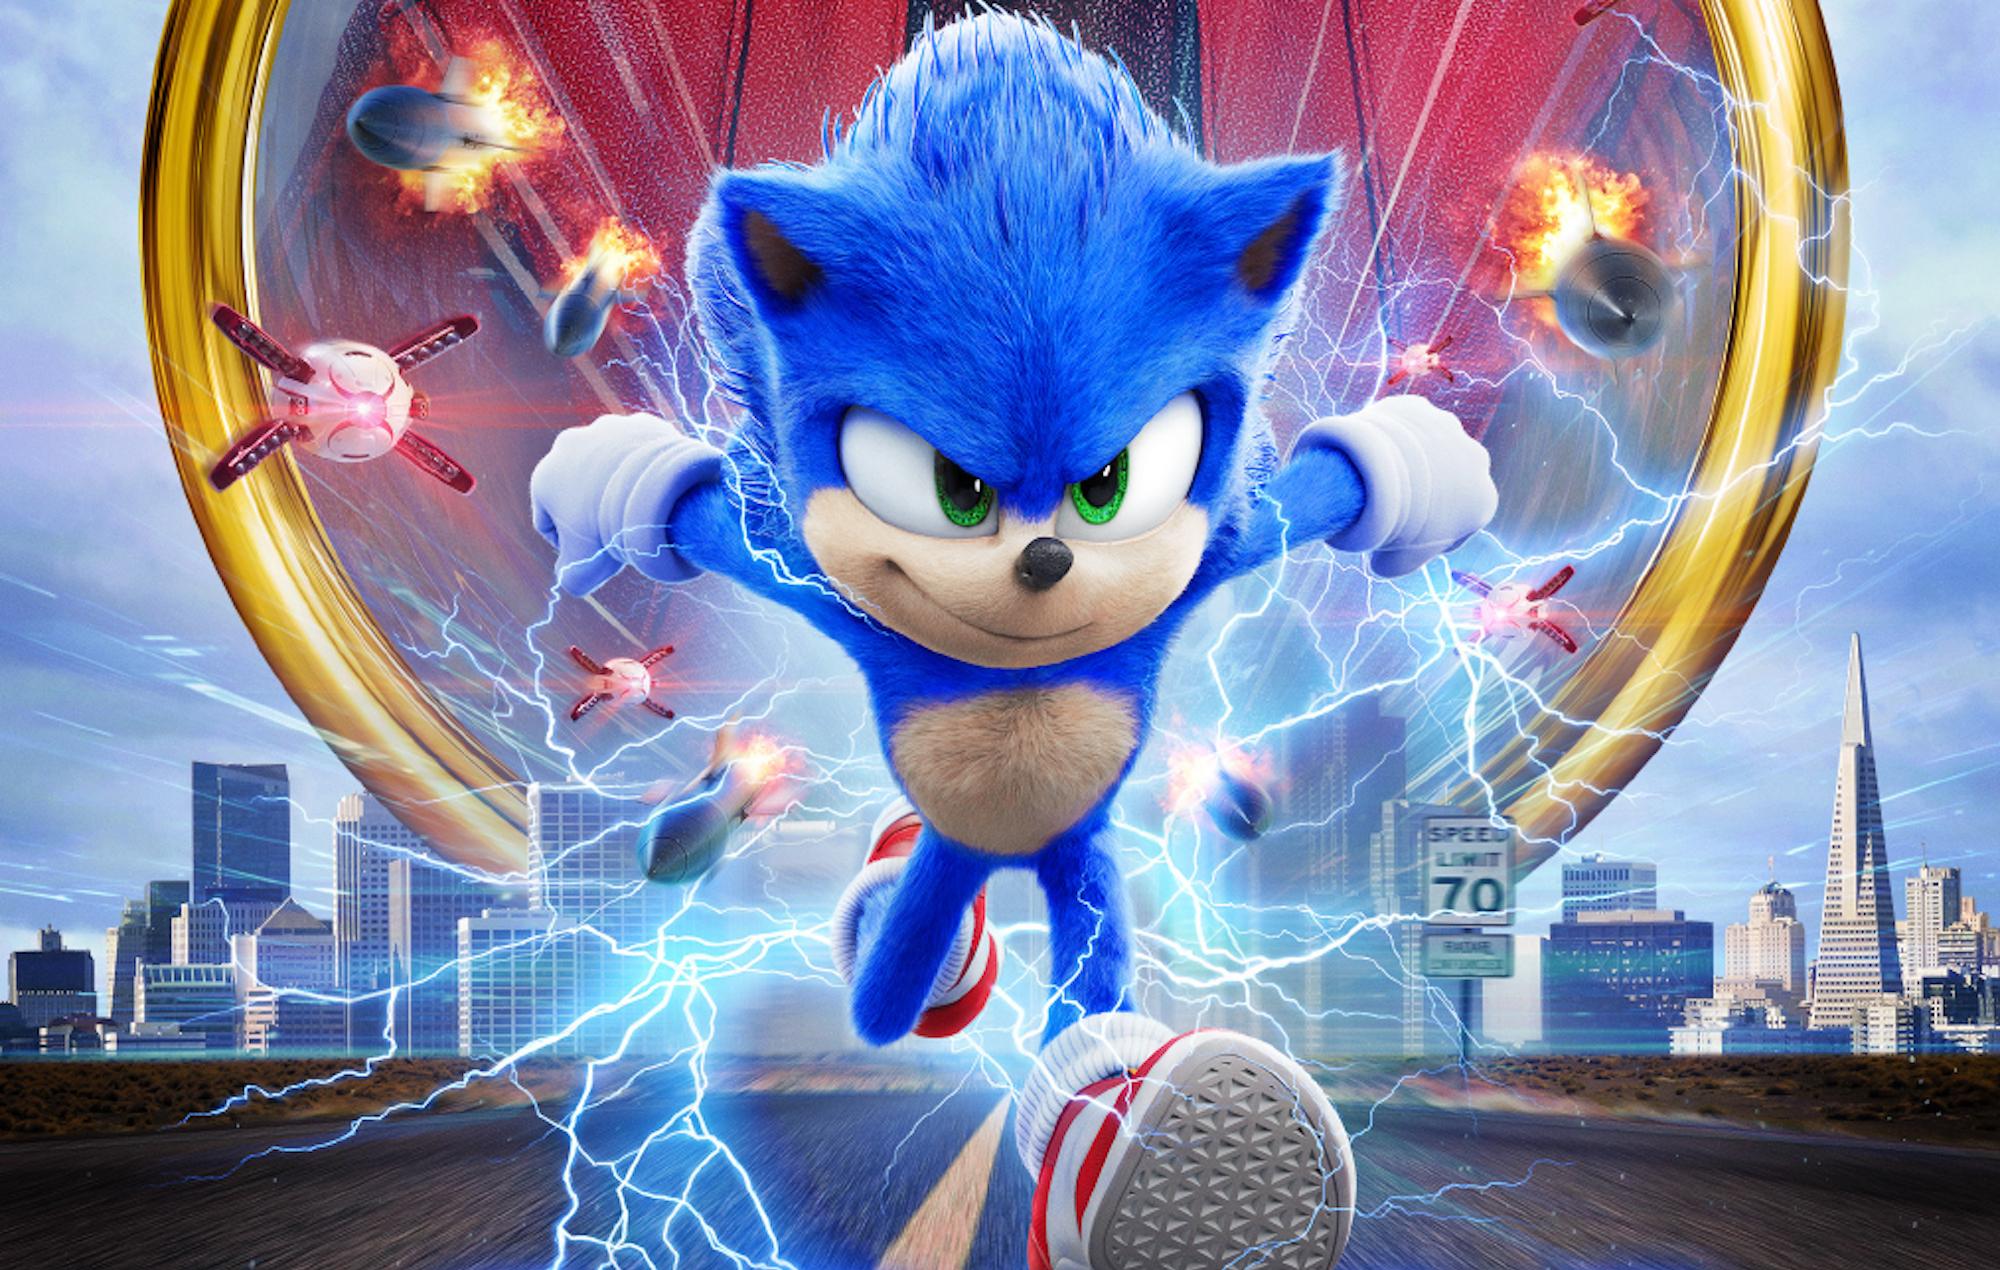 Sonic, annunciata la data d'uscita del sequel: ecco quando arriverà